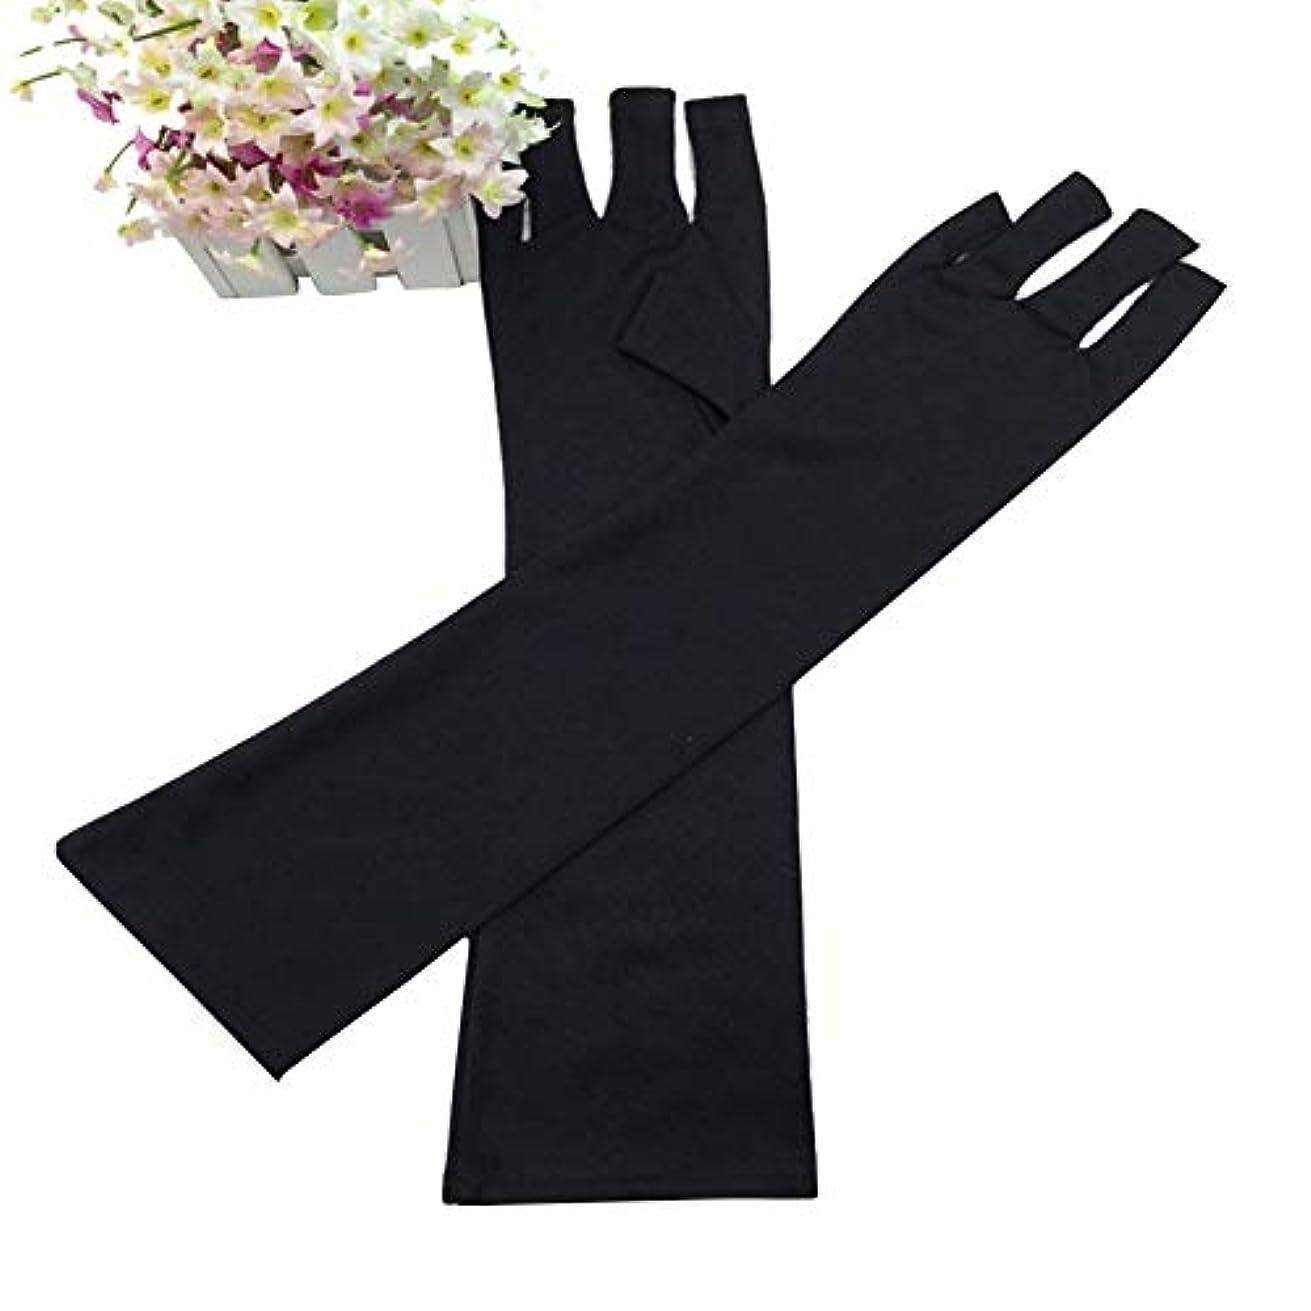 ホスト溝今までslQinjiansavネイルアート&ツール手袋UV光ランプ放射線保護手袋ハンドレストマニキュアネイルアートツール - ブラック